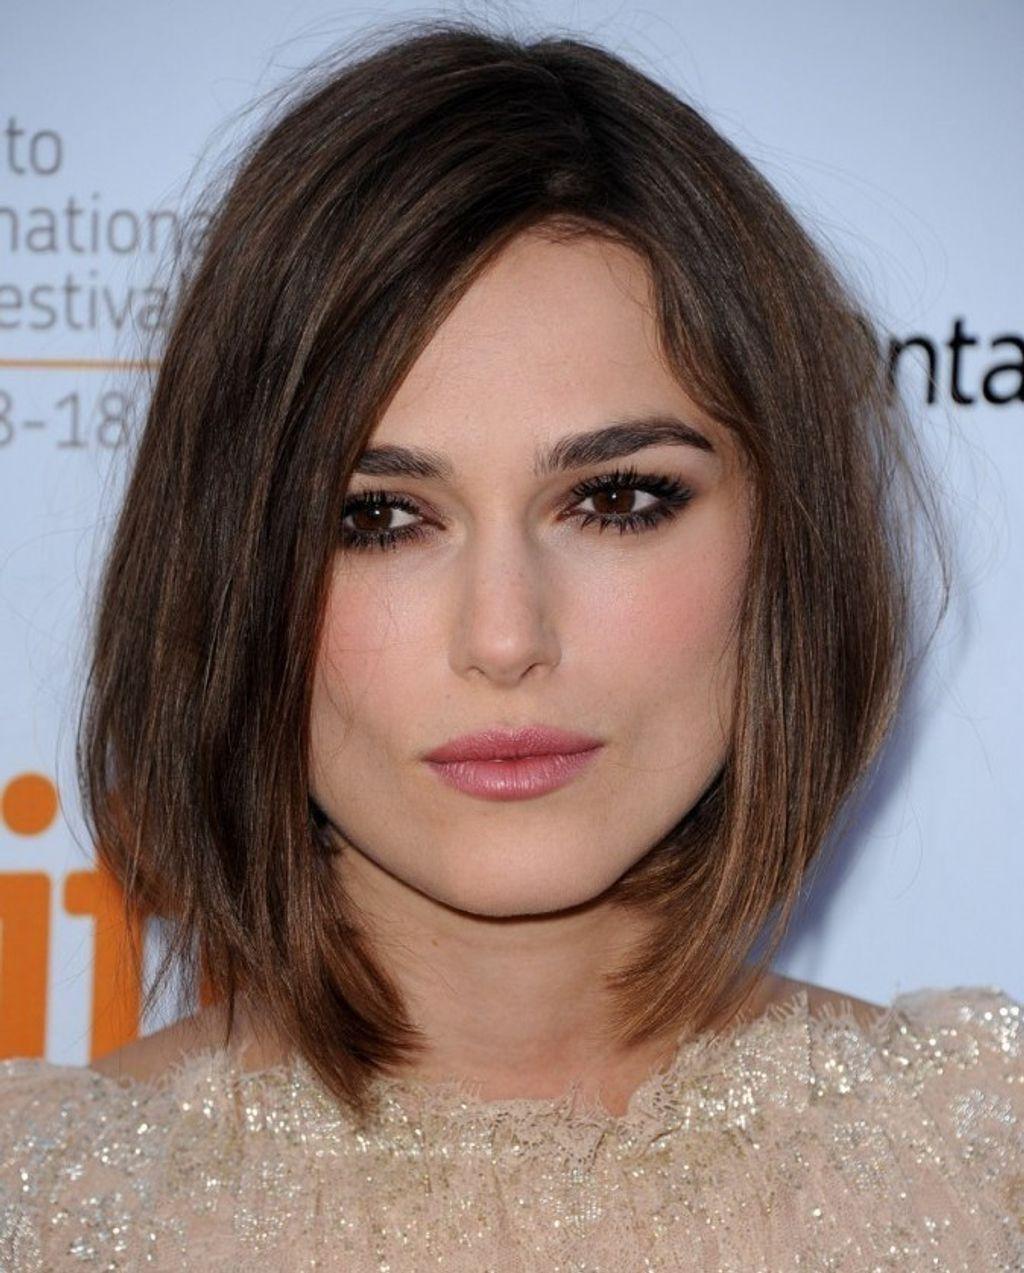 Mon top 5 des actrices les plus talentueuses du moment